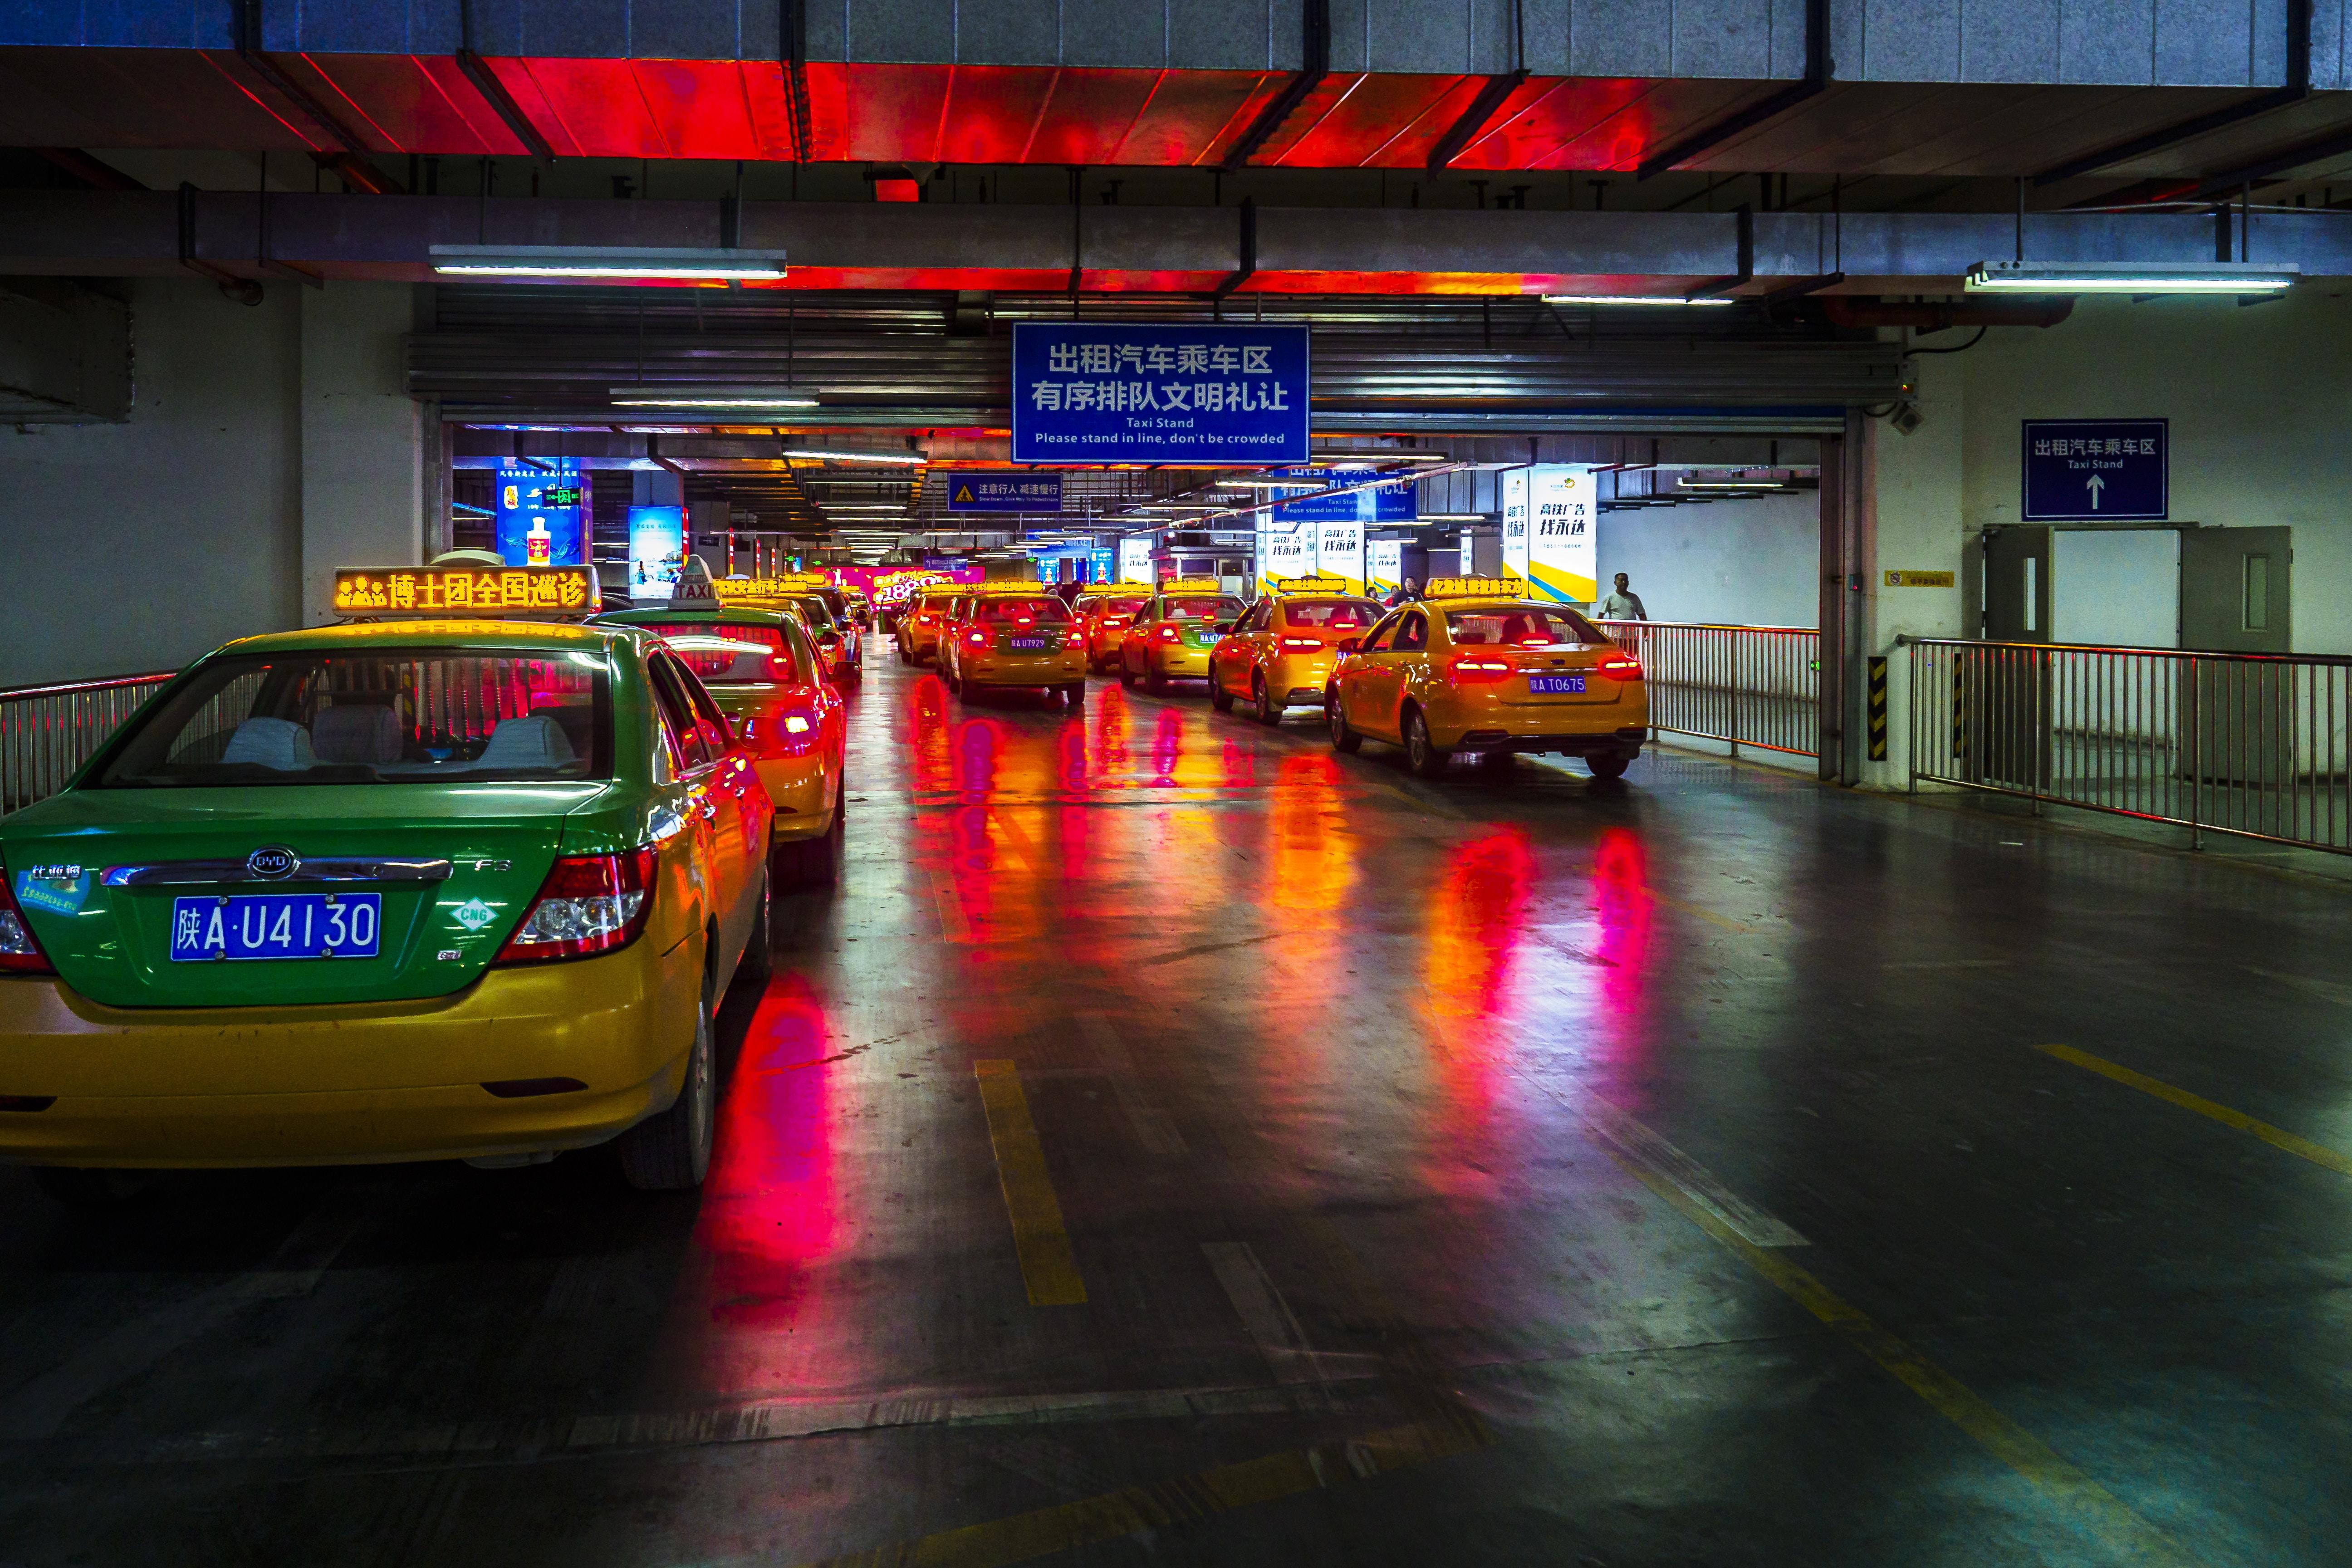 táxi ou carro de aplicativo